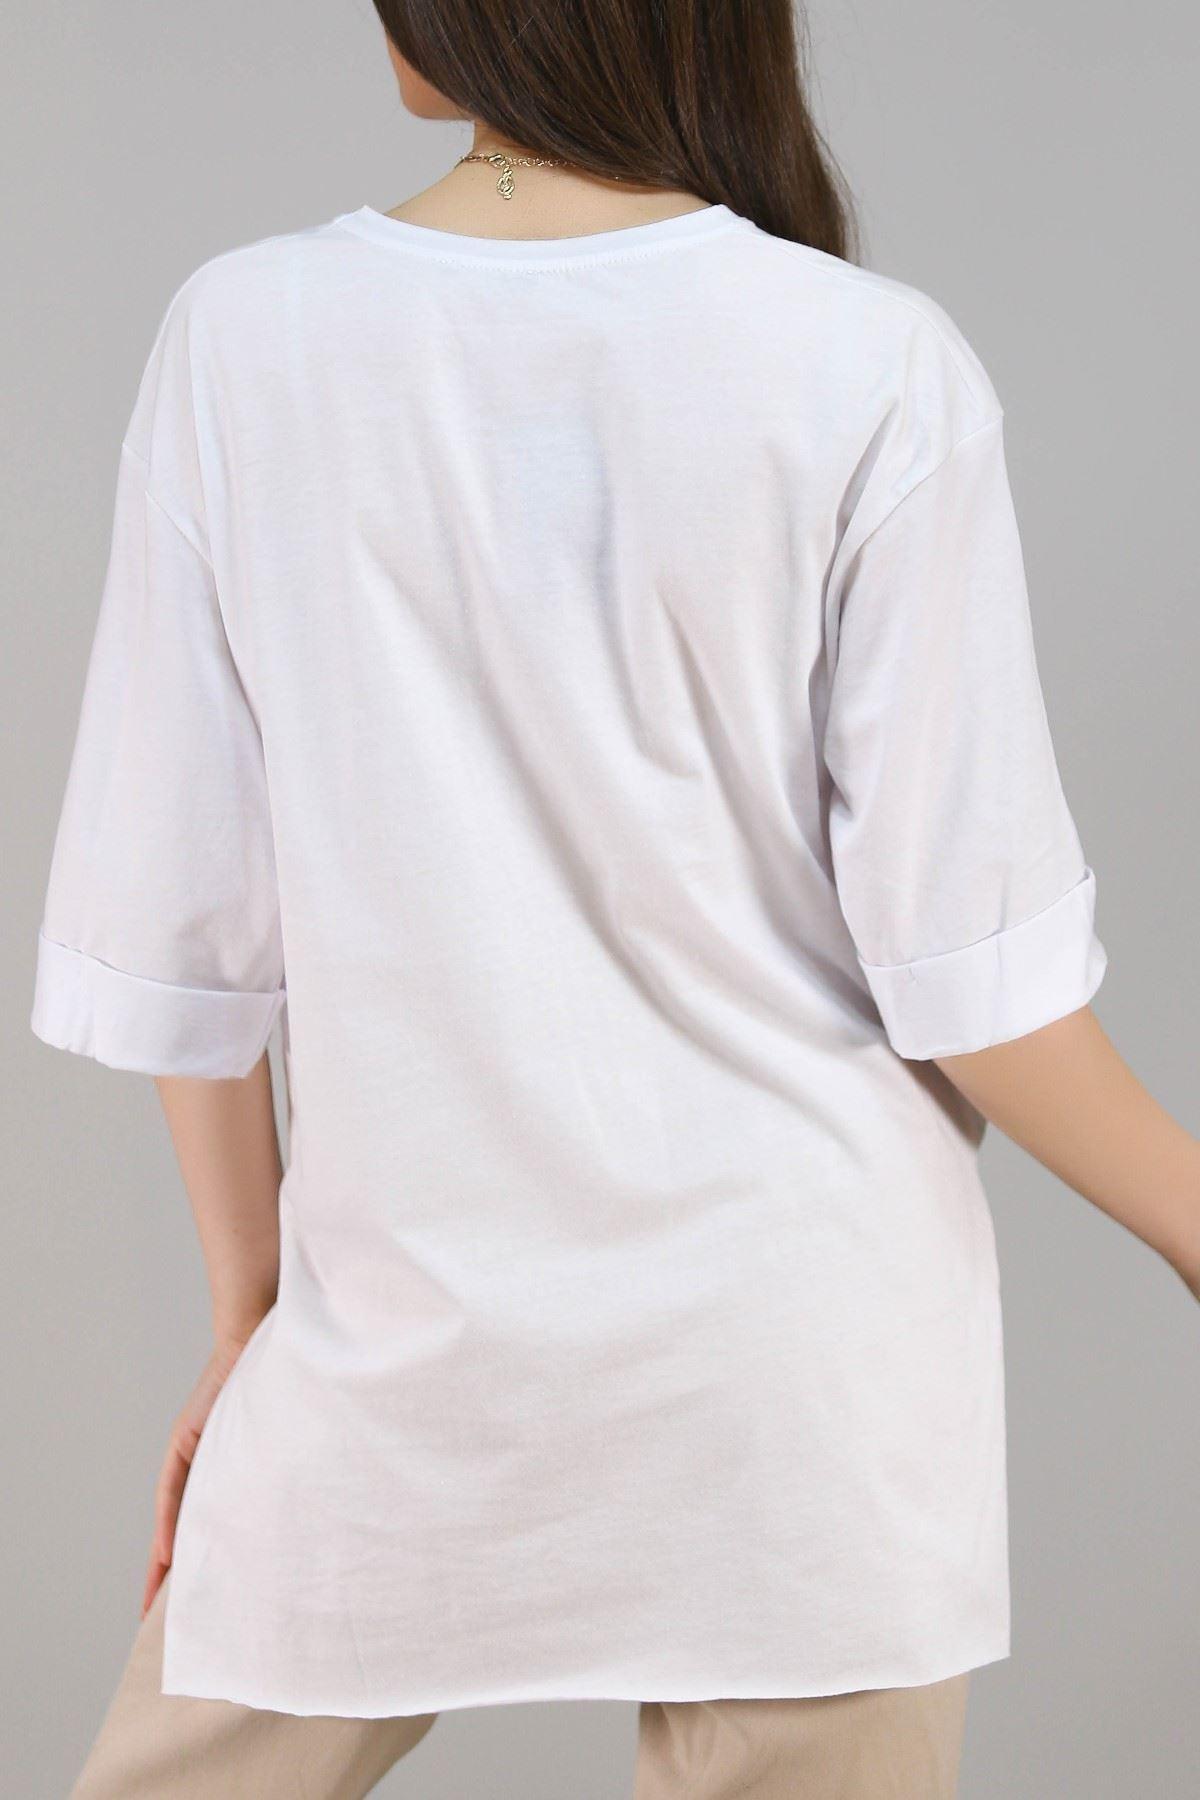 Baskılı Tişört Beyaz - 3660.222.